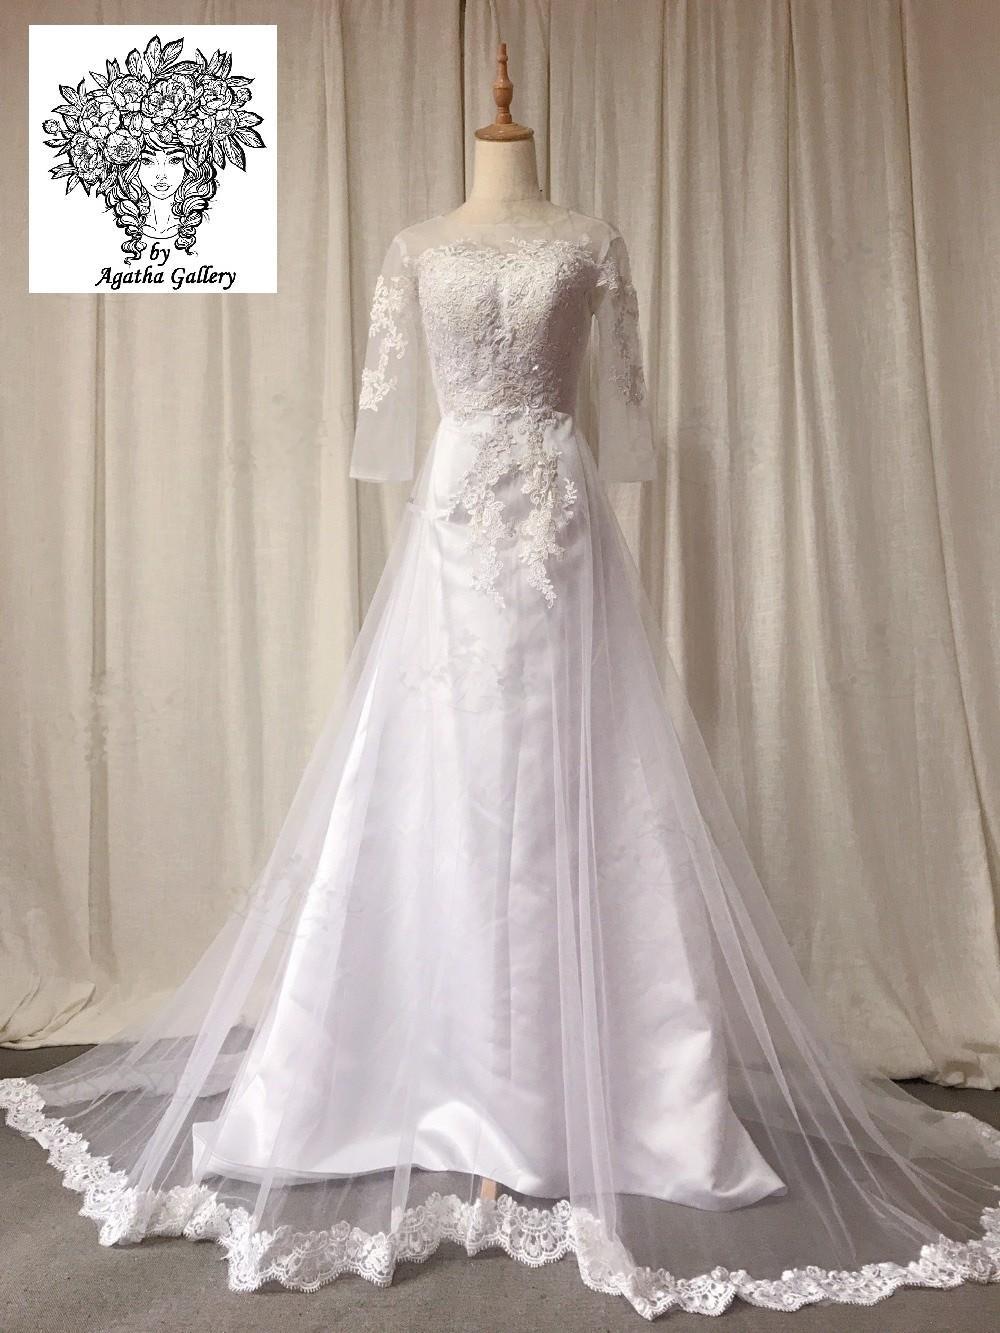 Svadobné šaty skladom - EU 34/36 - Obrázok č. 1